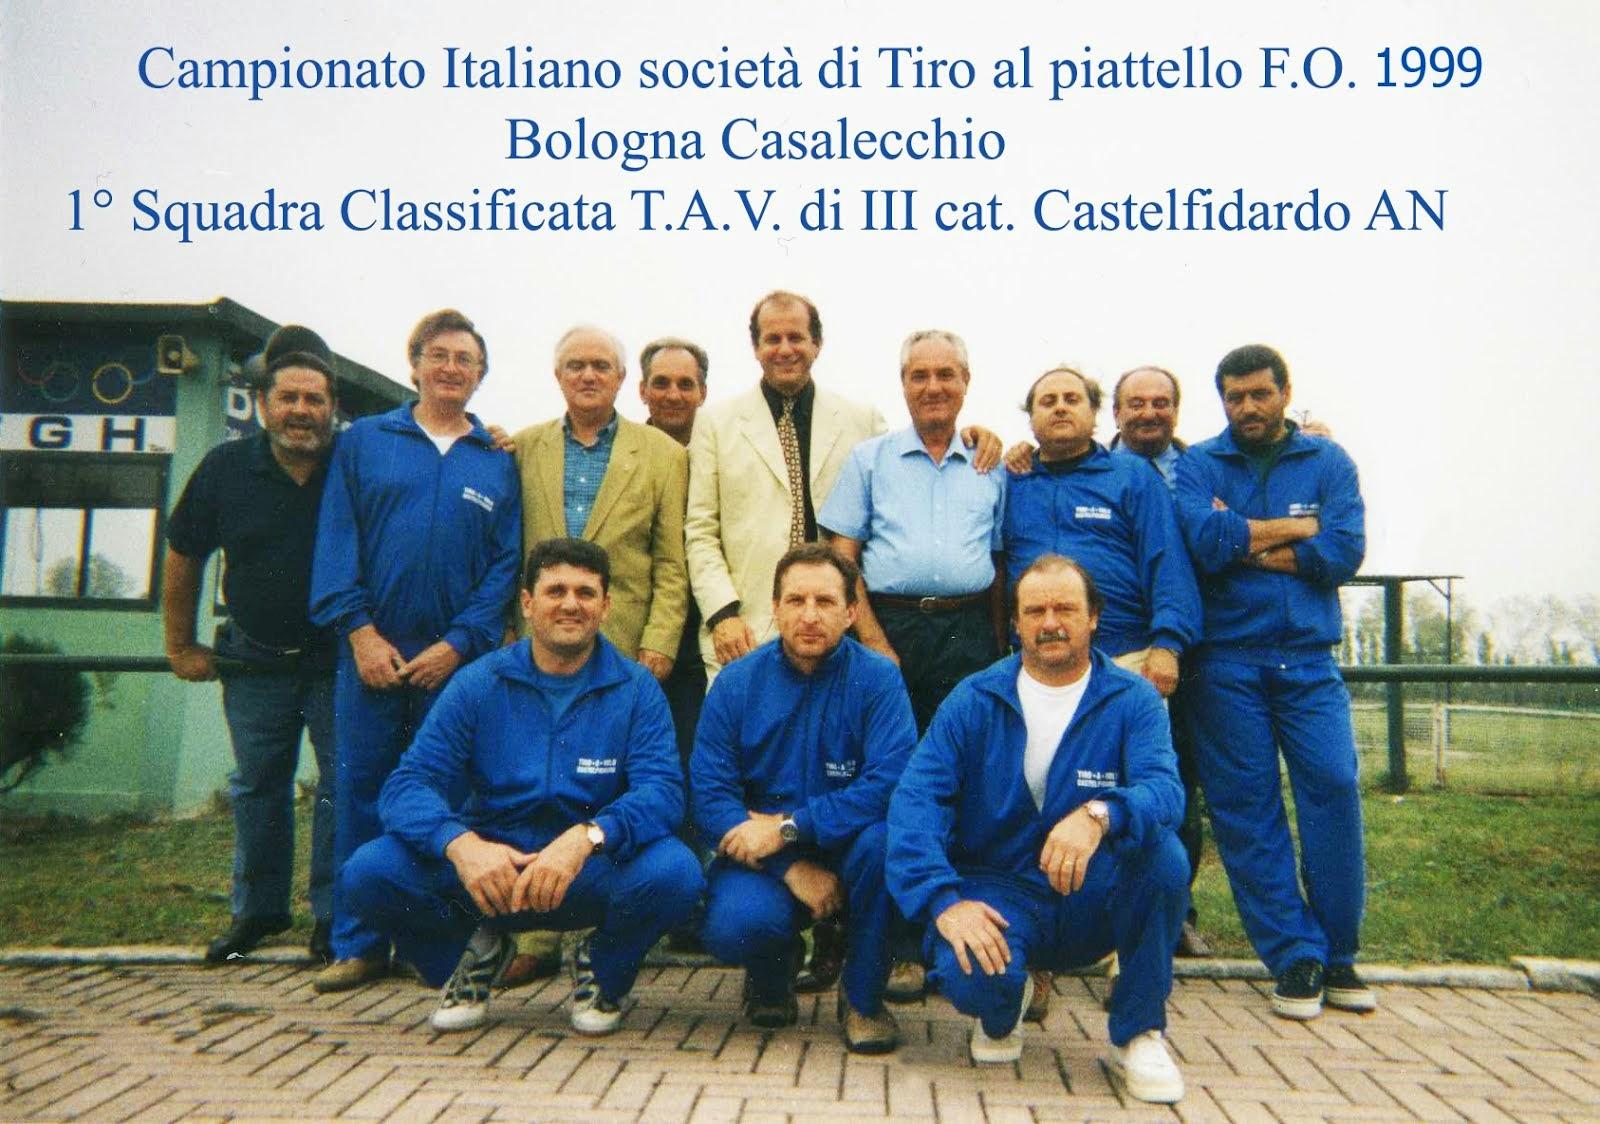 1999 Campionato Italiano Società - Squadra 1° Class. di III Categoria